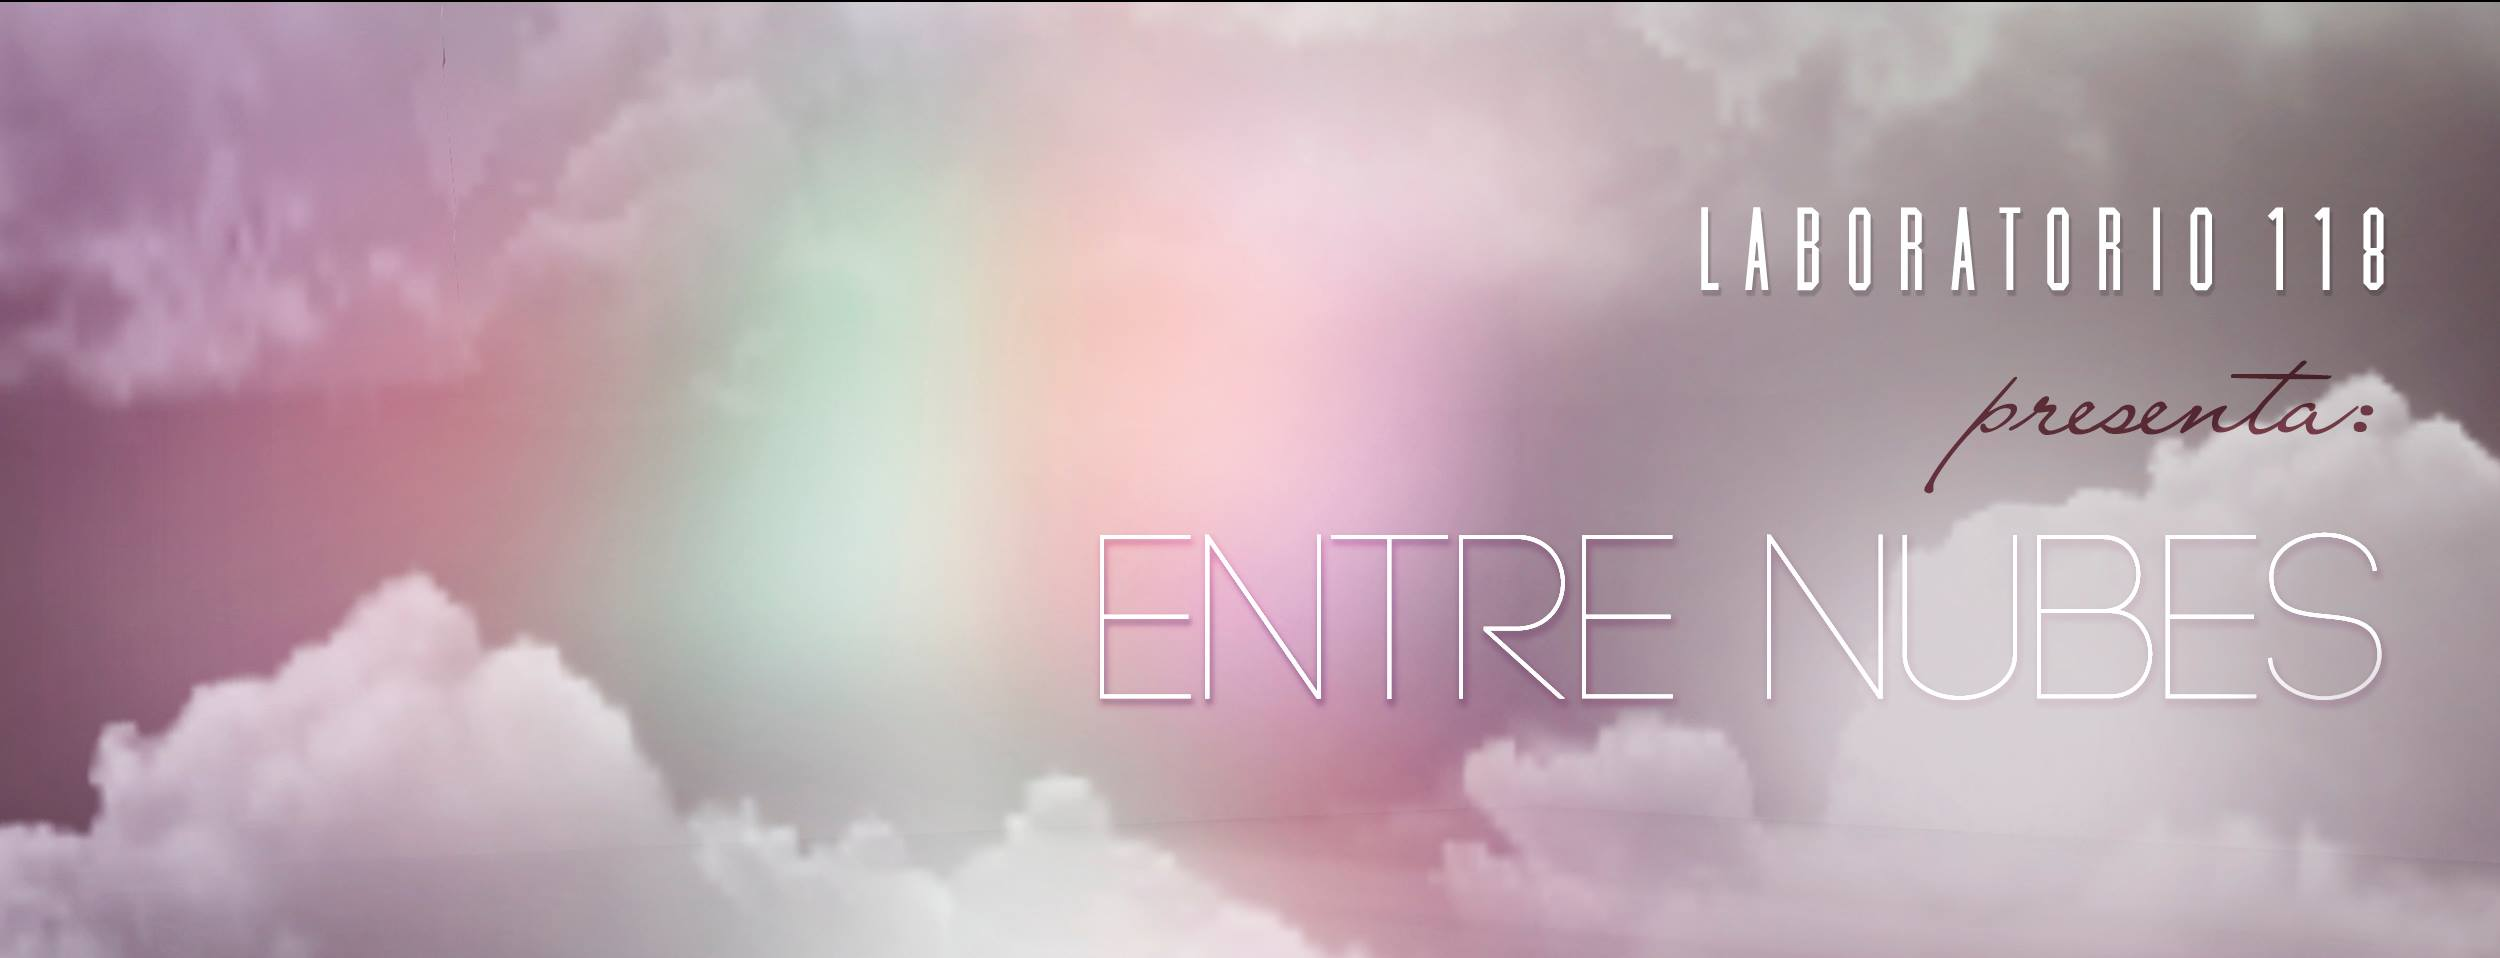 Laboratorio 118, Entre nubes (2016). Imagen tomada de la web de Laboratorio 118